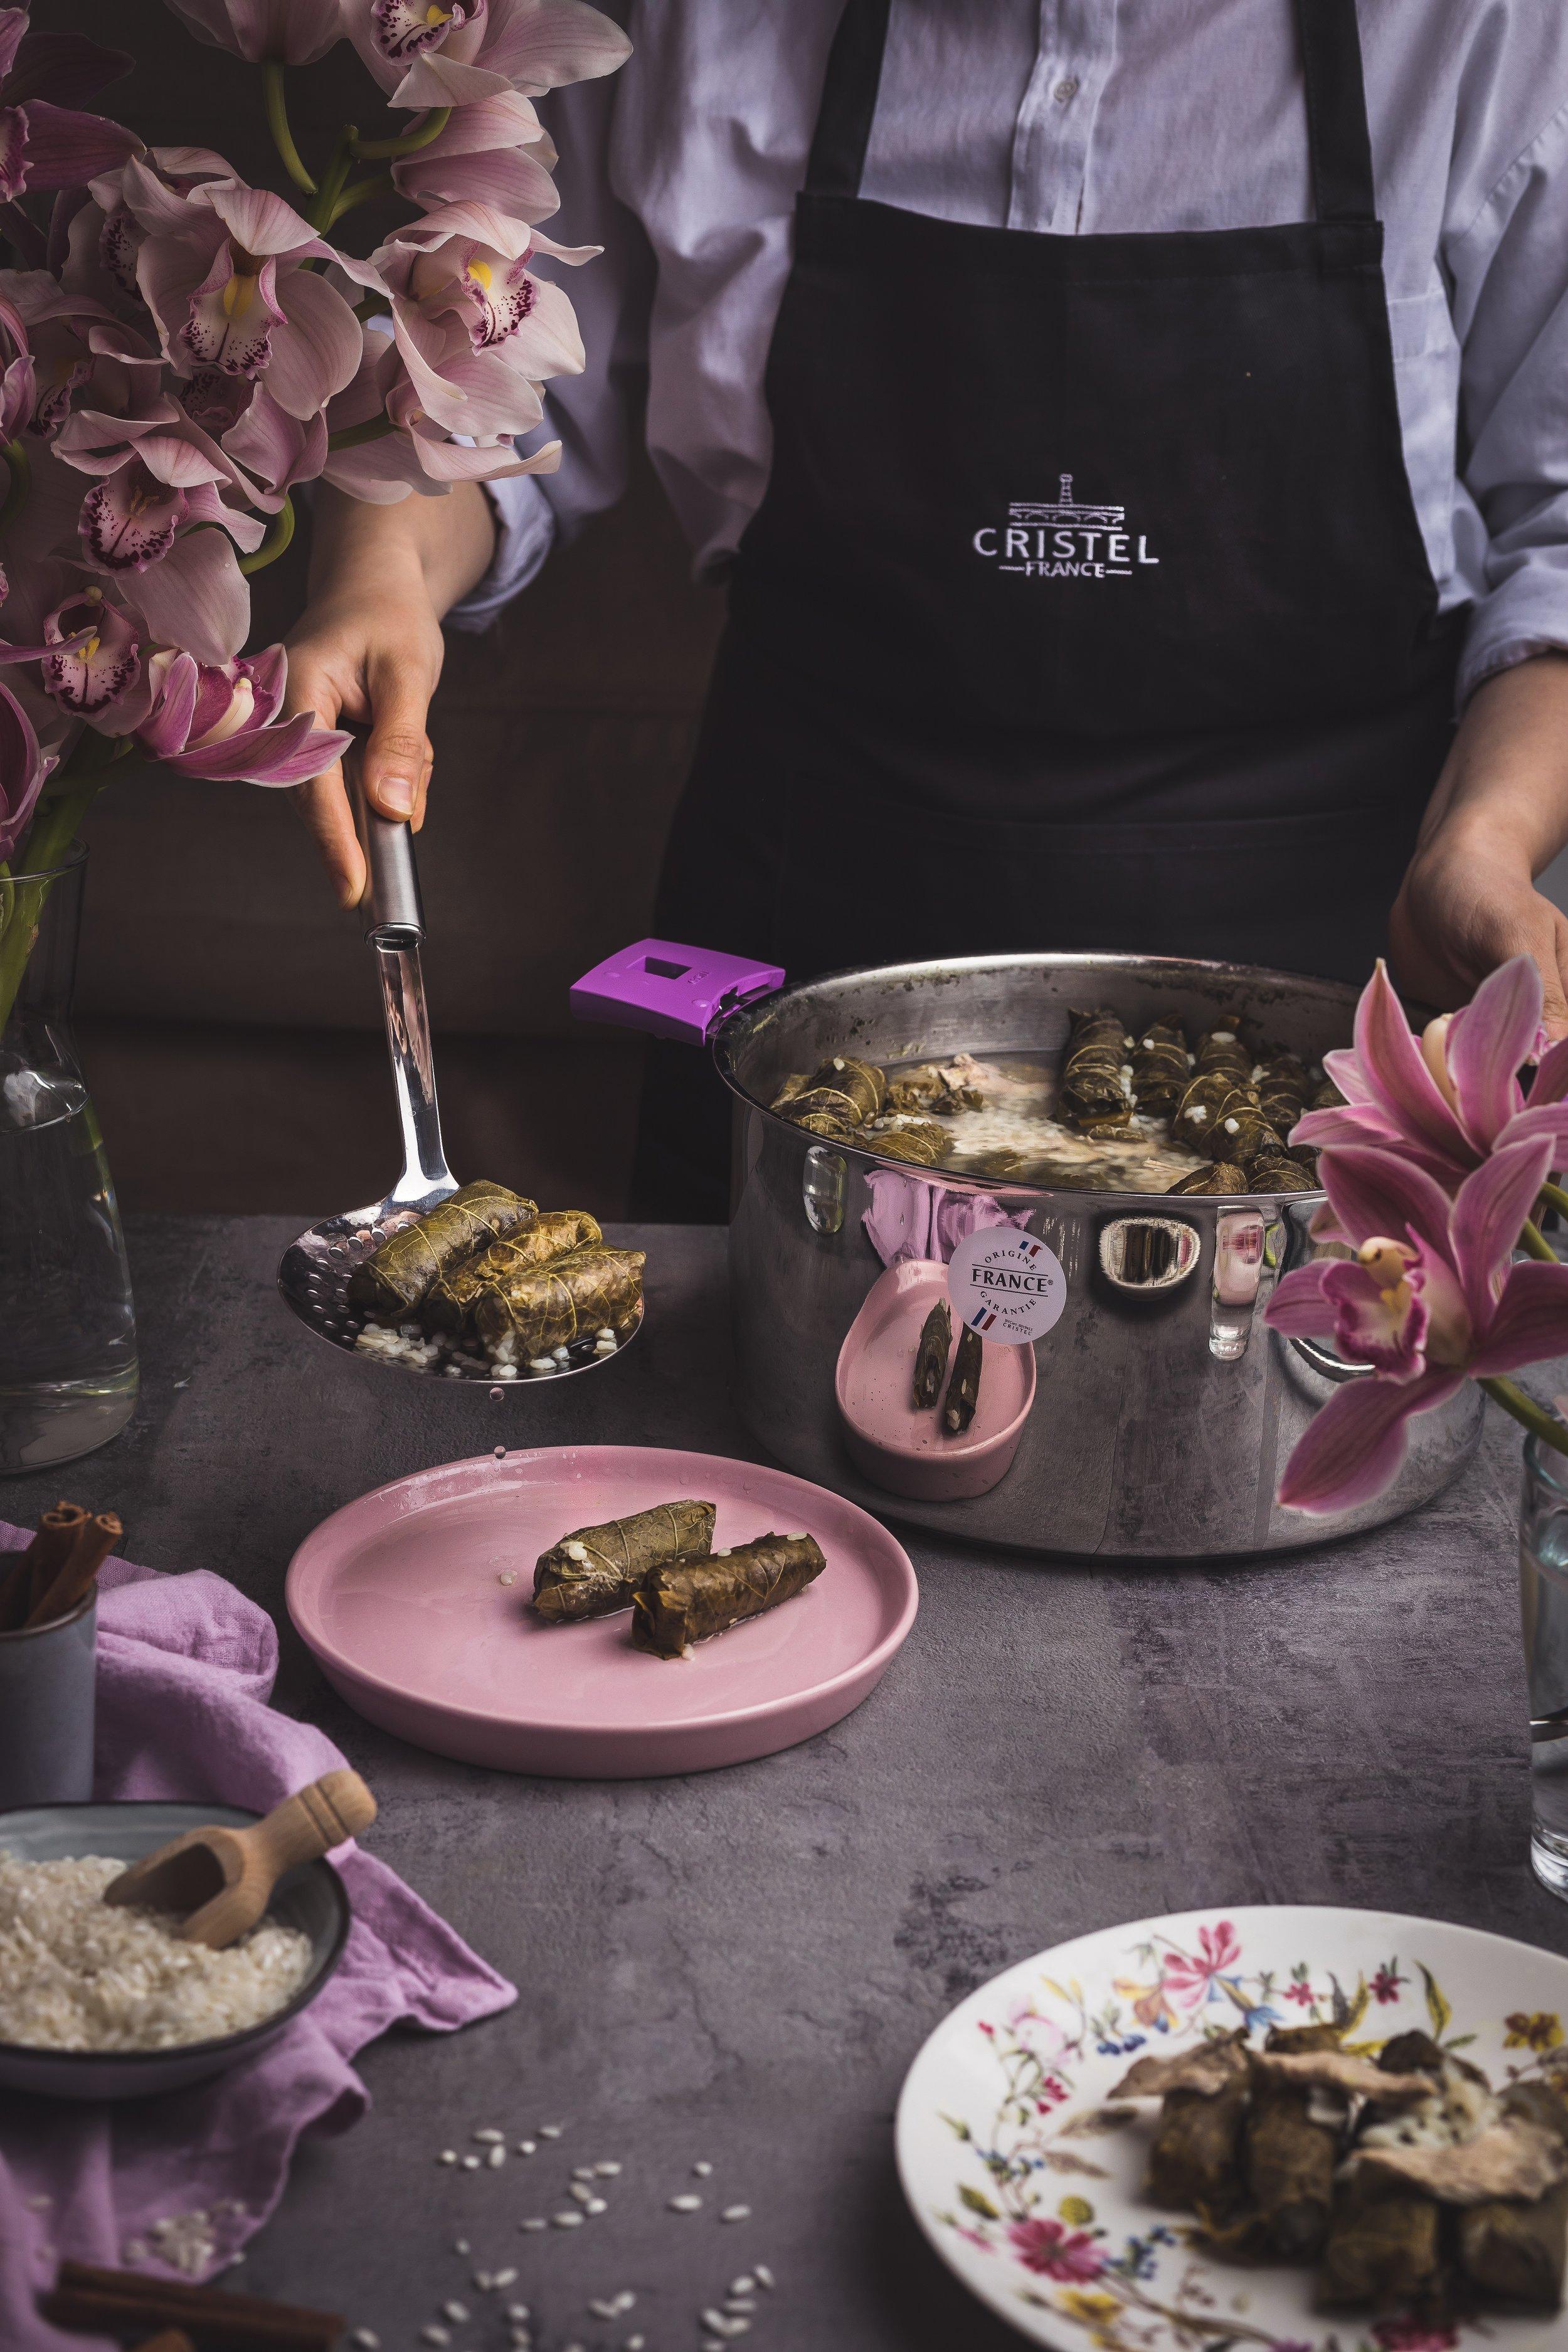 Feuilles de vigne à la Libanaise servi avec l'écumoire CRISTEL France